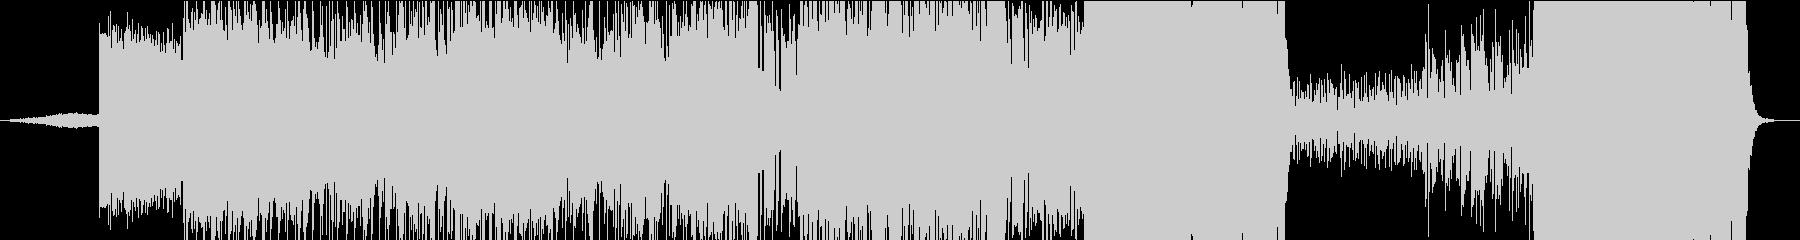 ヒトノキモチニナ~ルの未再生の波形